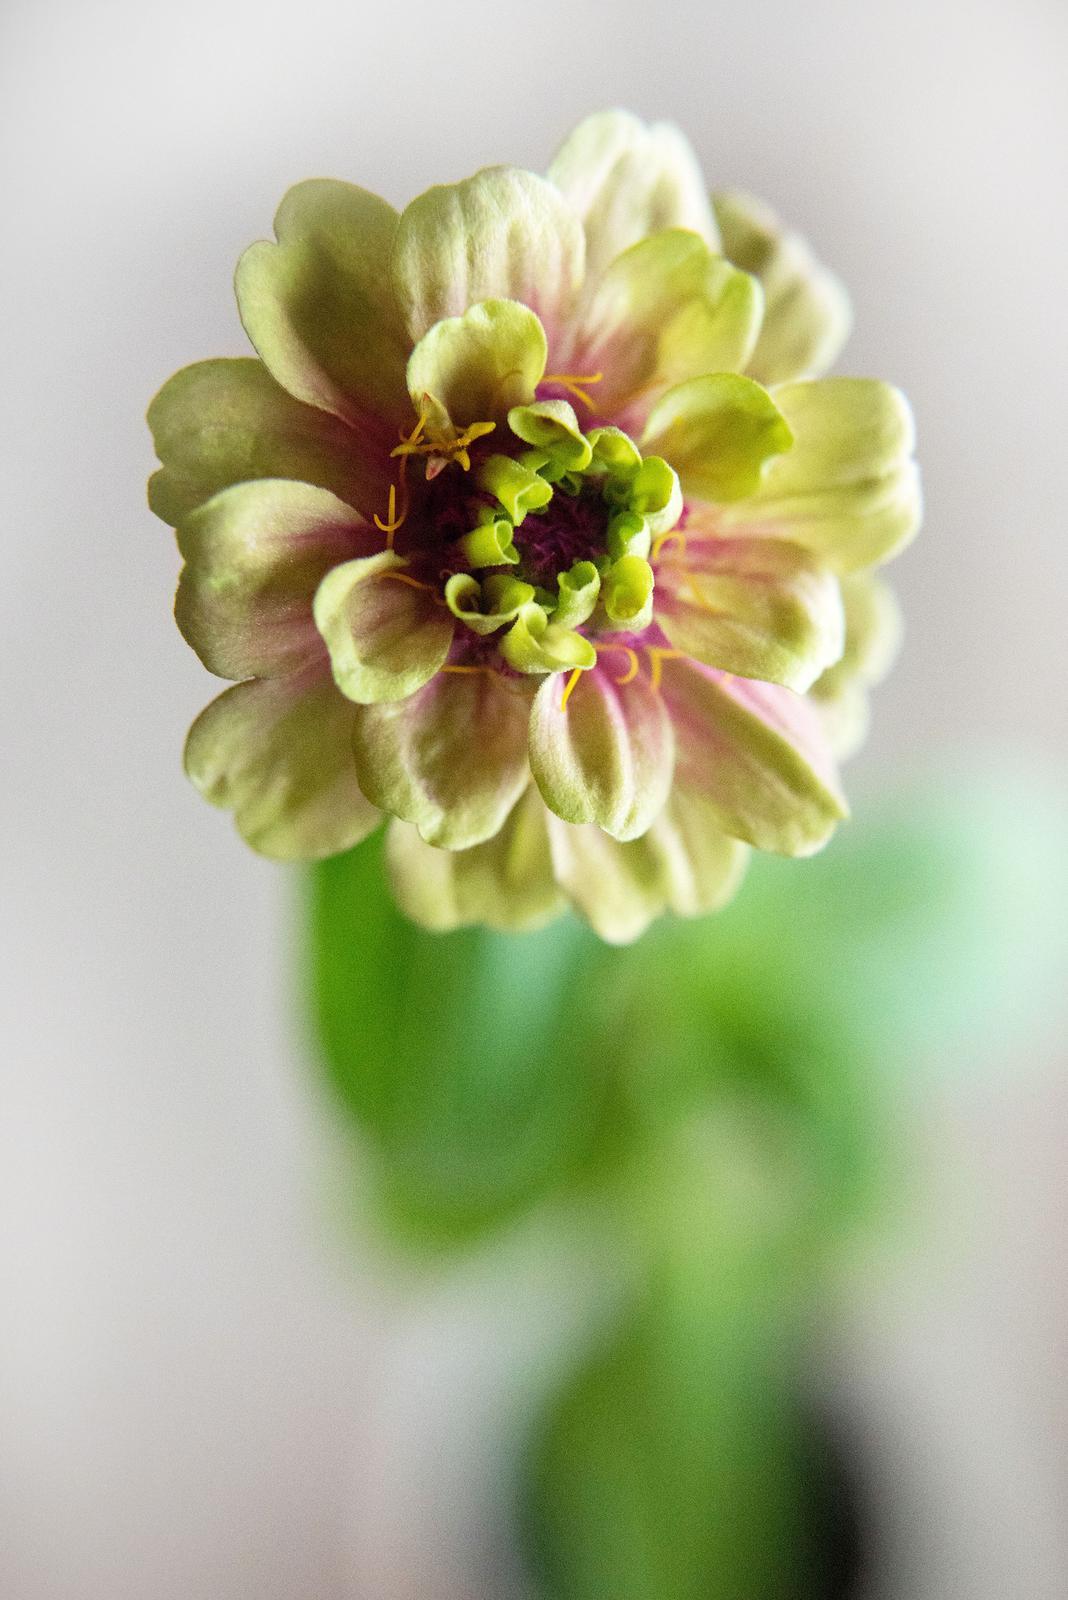 Vo víre kvetov... - LIME-RED cínia - toto je oficiálne moja prvá kvetinka, ktorú som vrámci mojej náročnej misie vypestovala. Je nádherná, akurát, že má trochu netradičnú veľkosť (cca ako dvojeurovka) <3